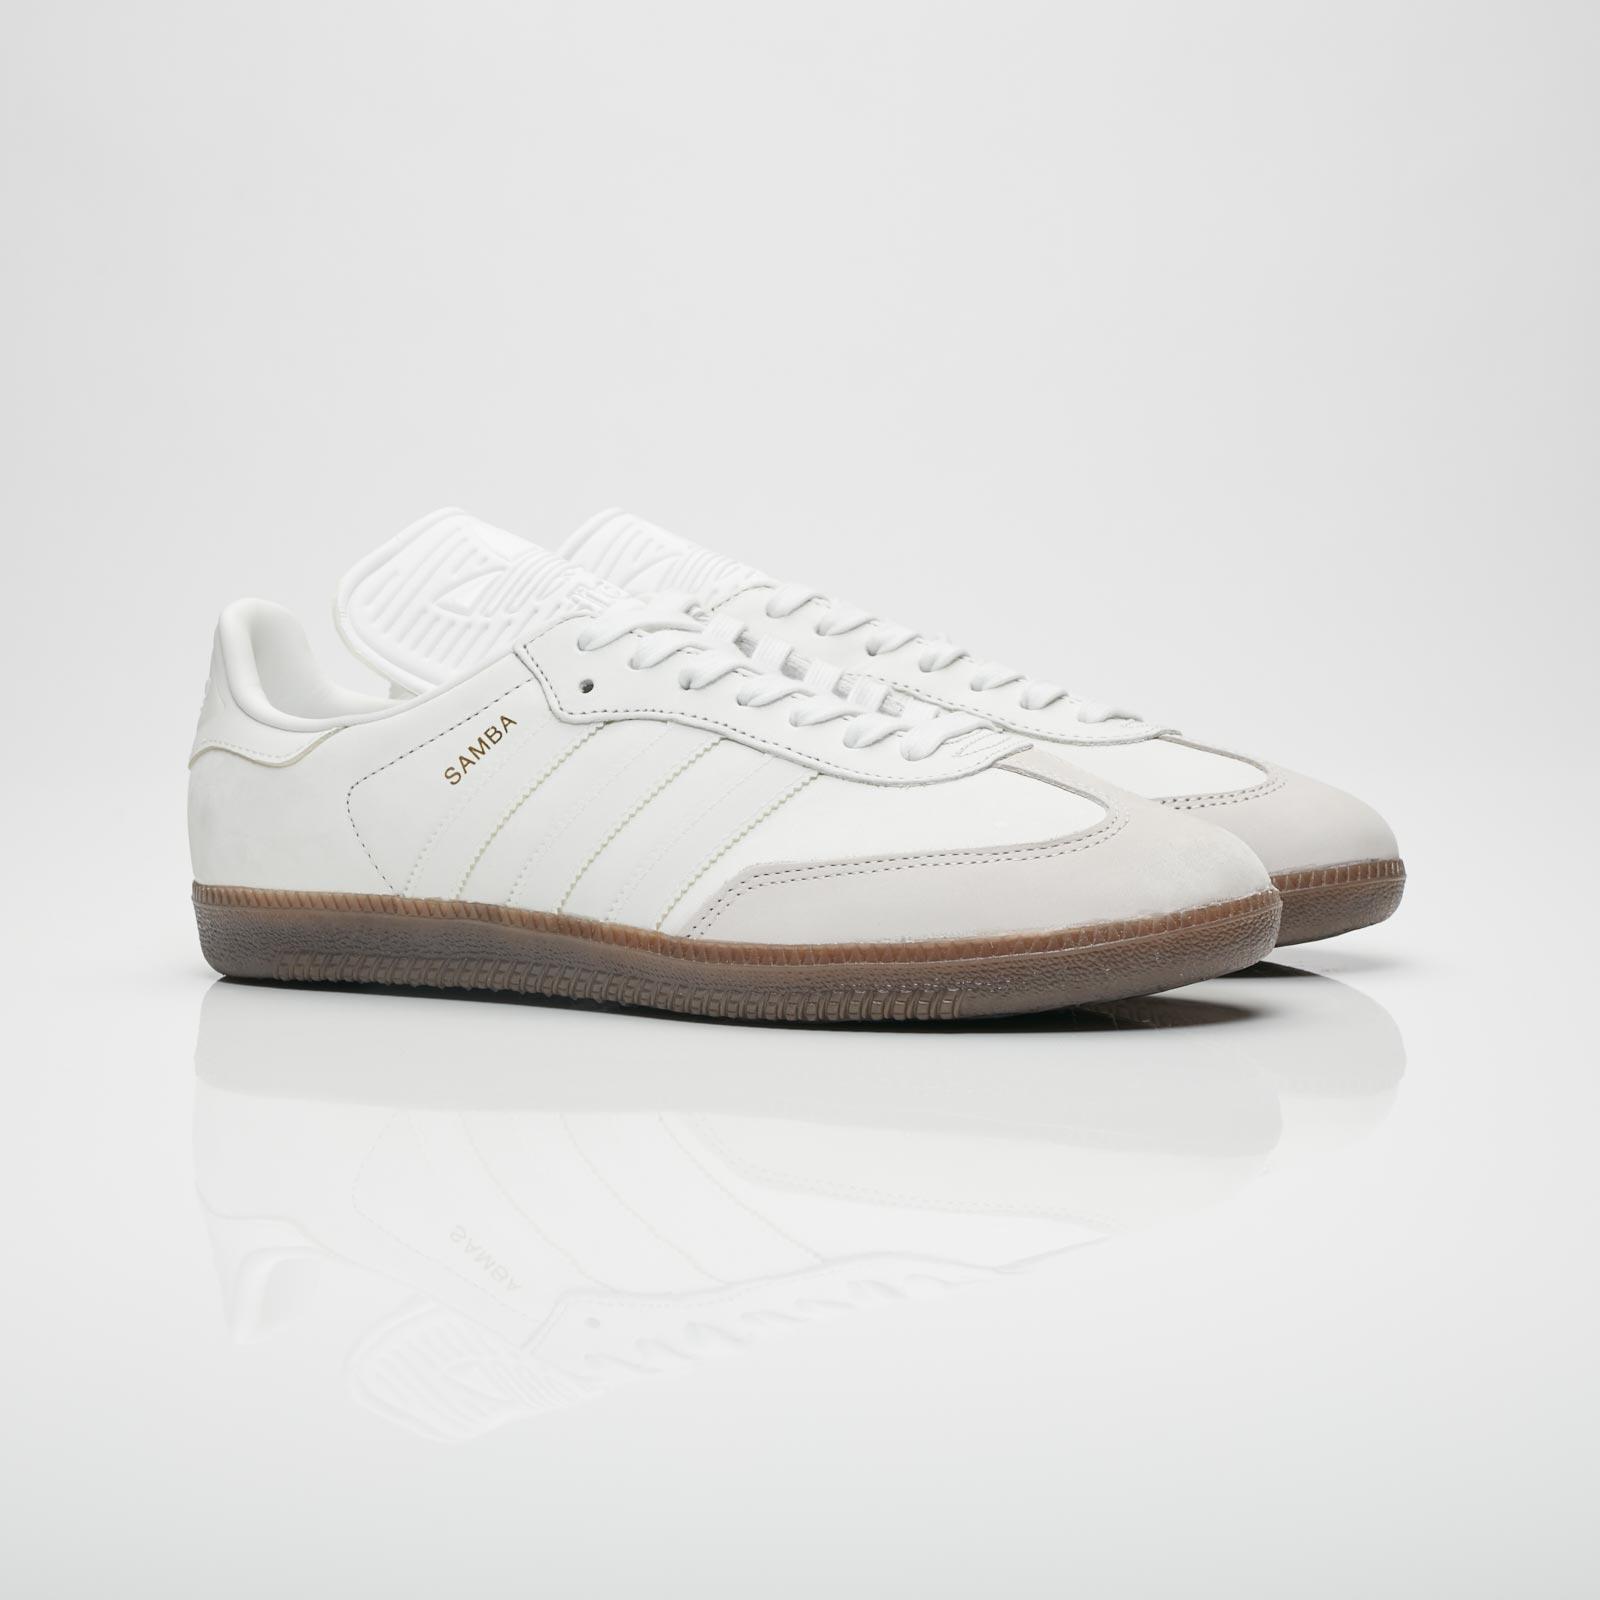 adidas Samba Classic OG - Bz0226